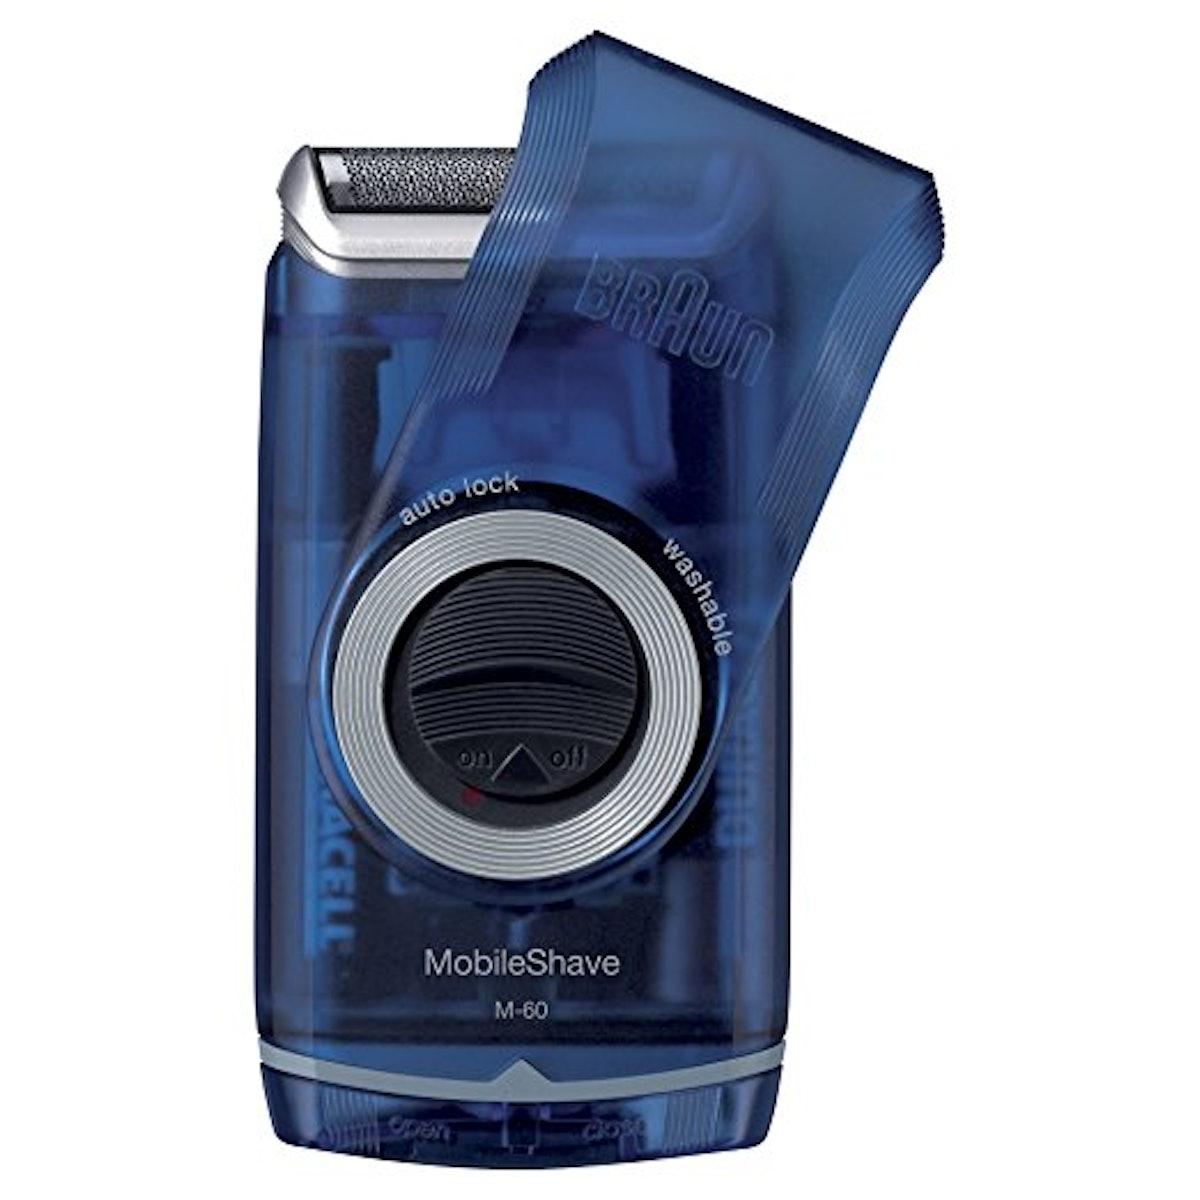 Braun Pocket Mobile Electric Foil Shaver